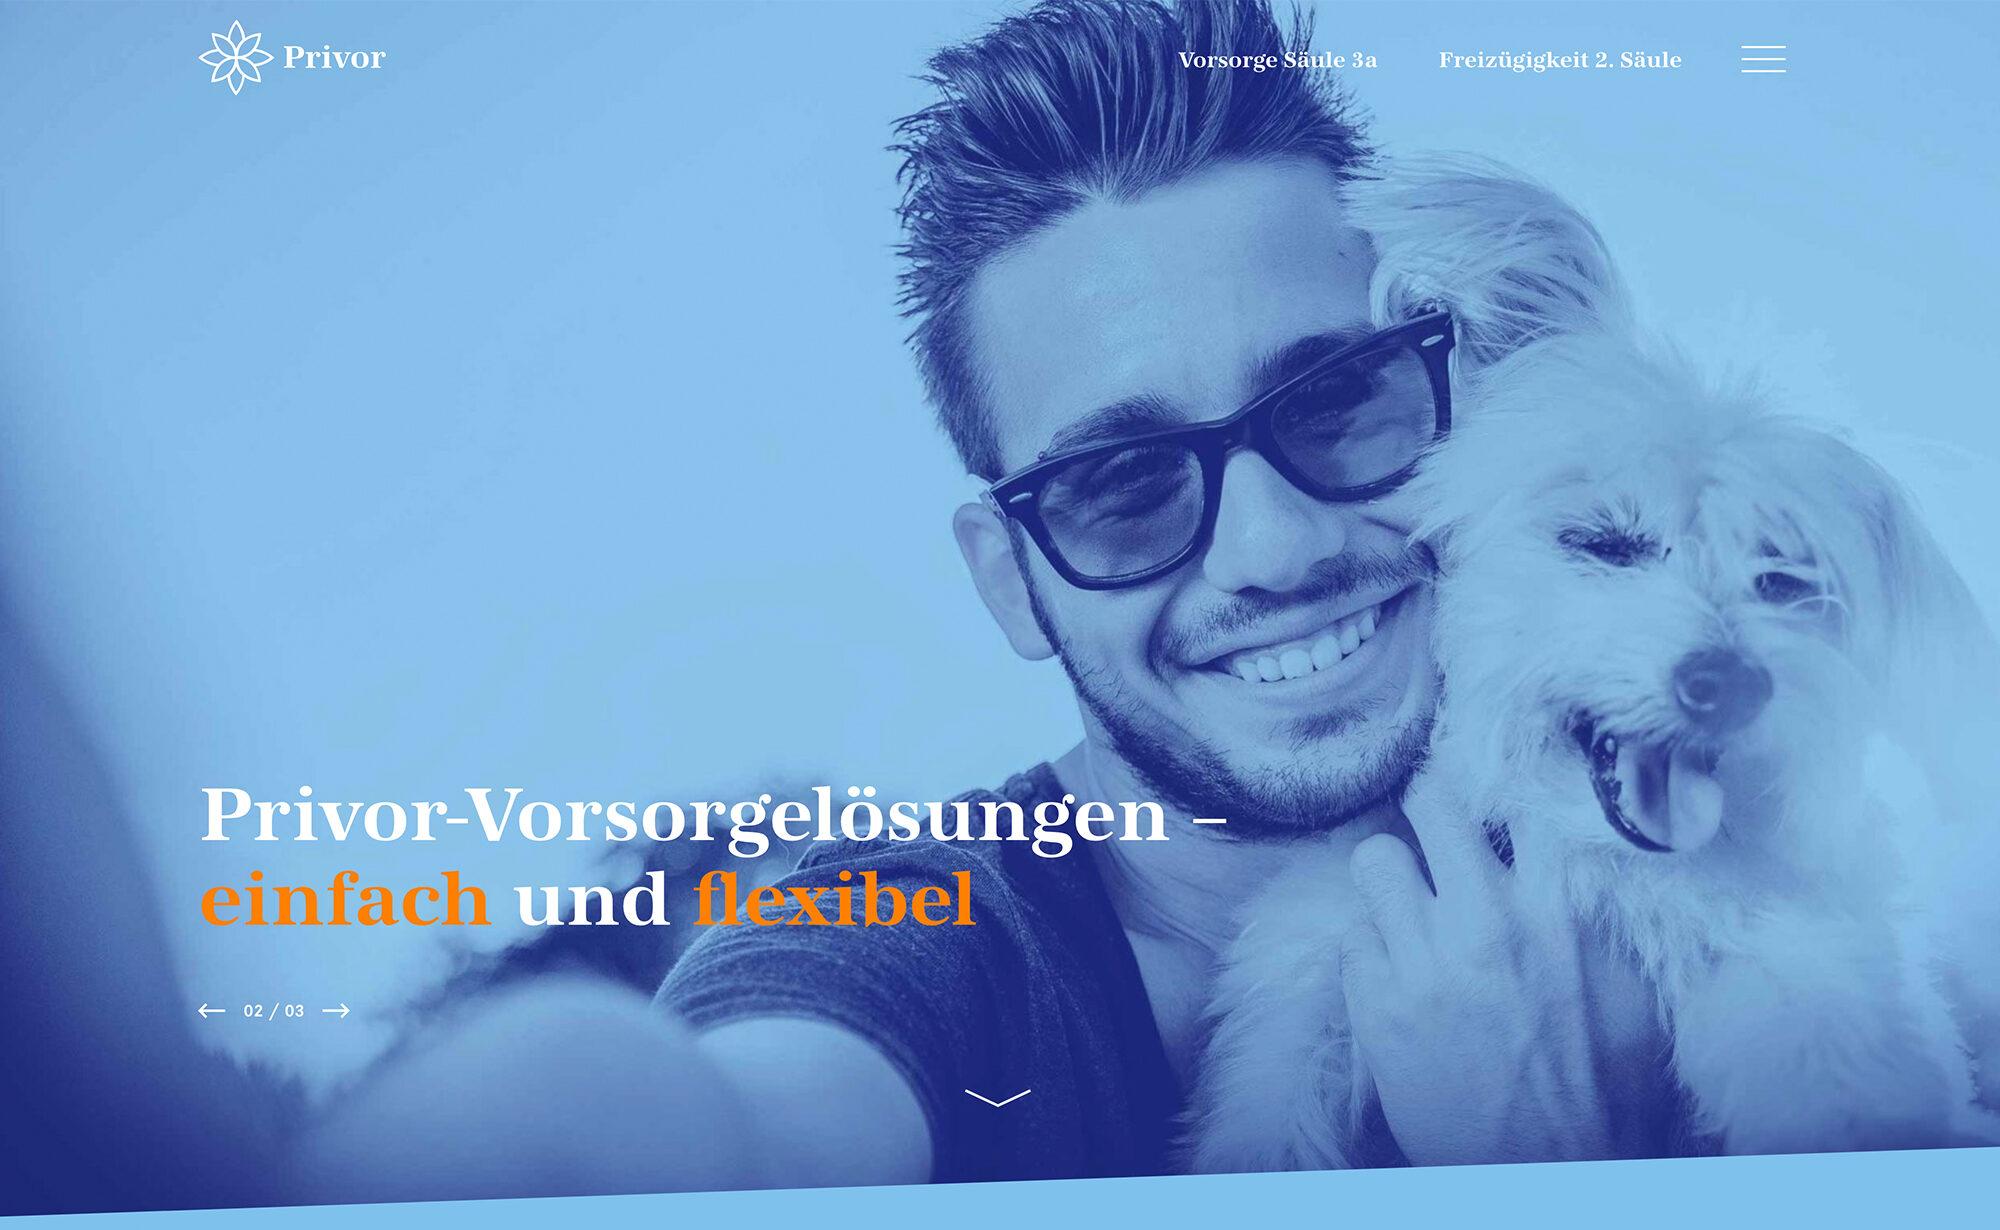 Privor-Vorsorgelösungen - Privor Stiftung 3. Säule, privor.ch Screenshot